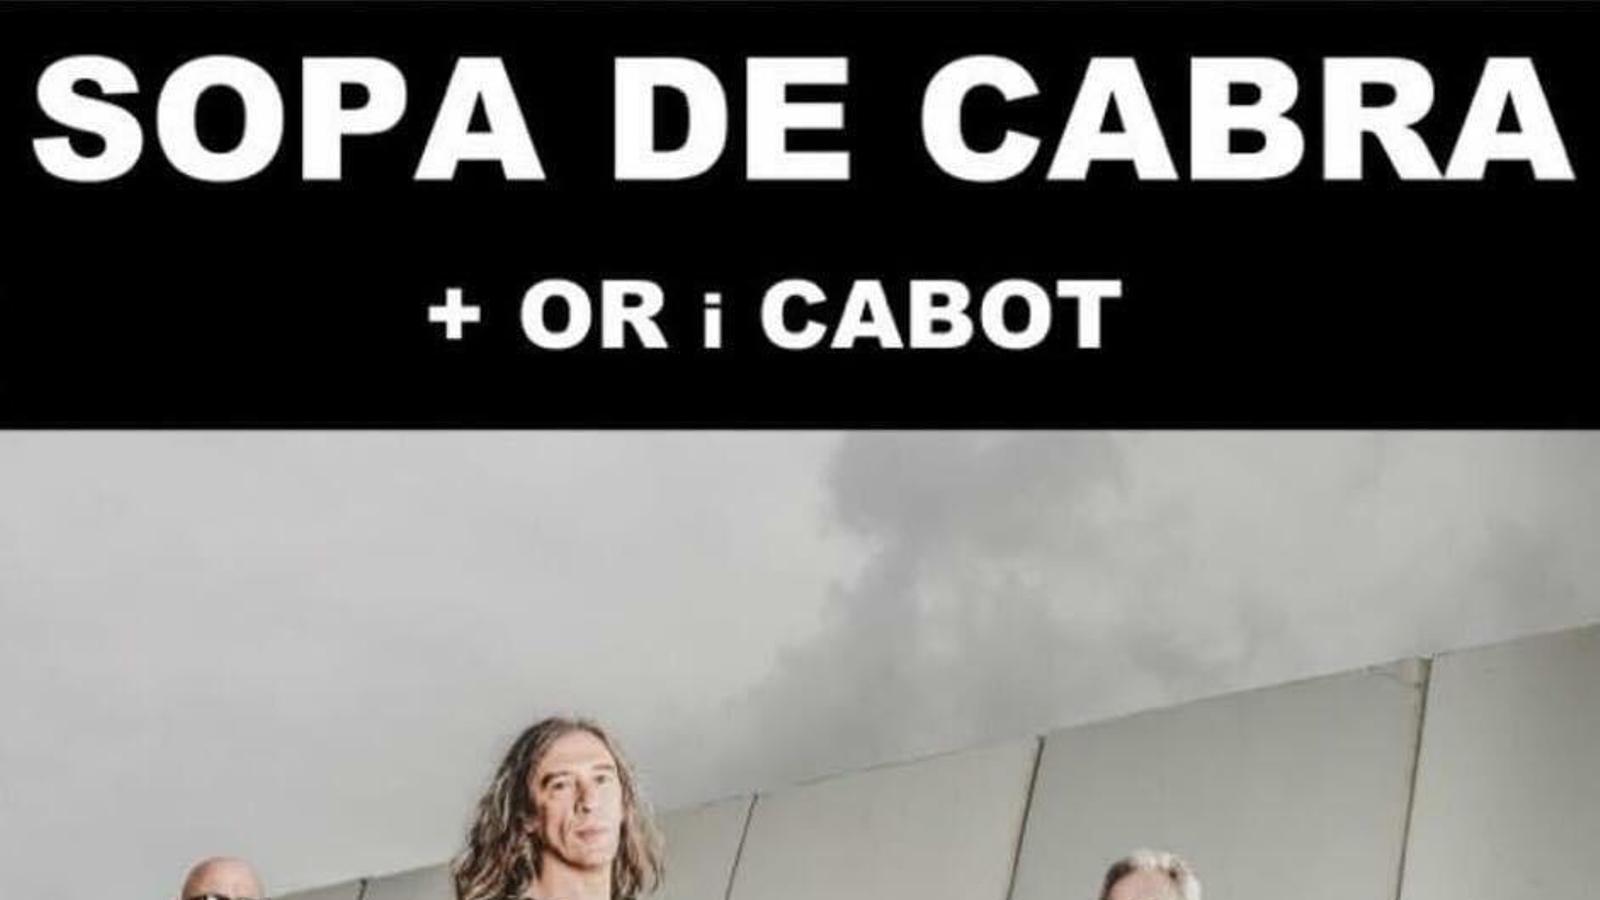 Cartell anunciant el concert a Pollença.